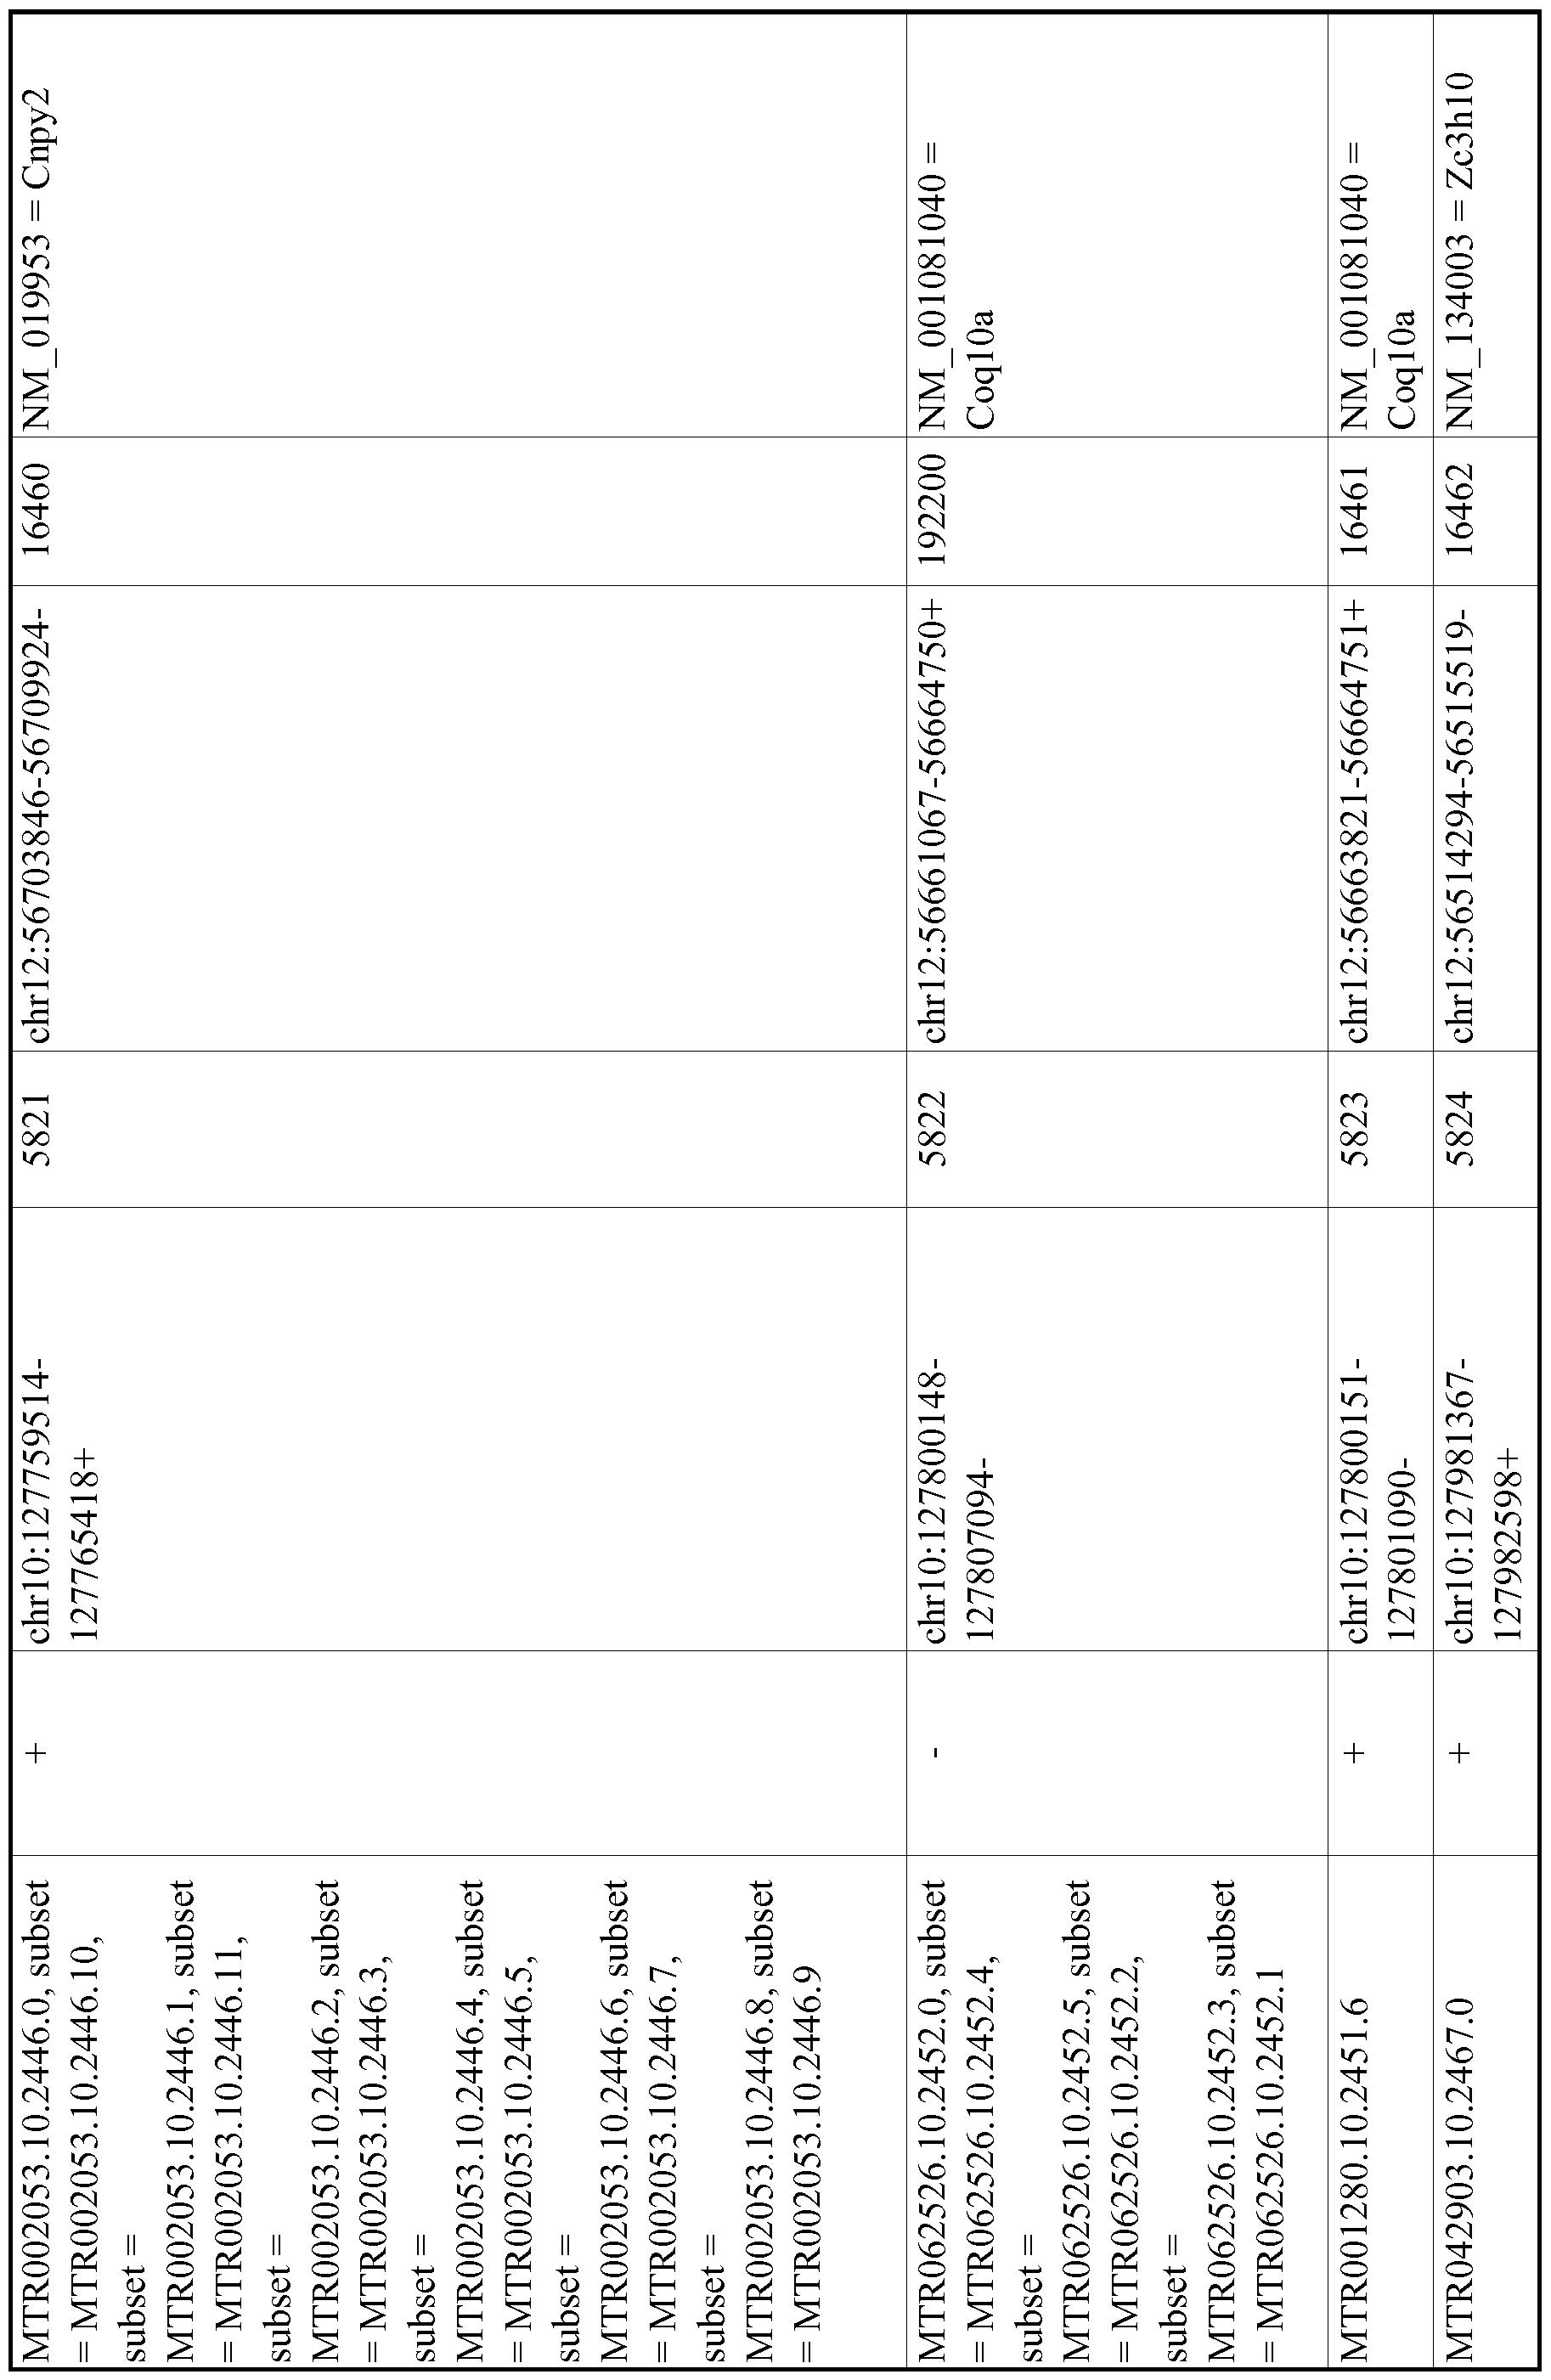 Figure imgf001052_0001